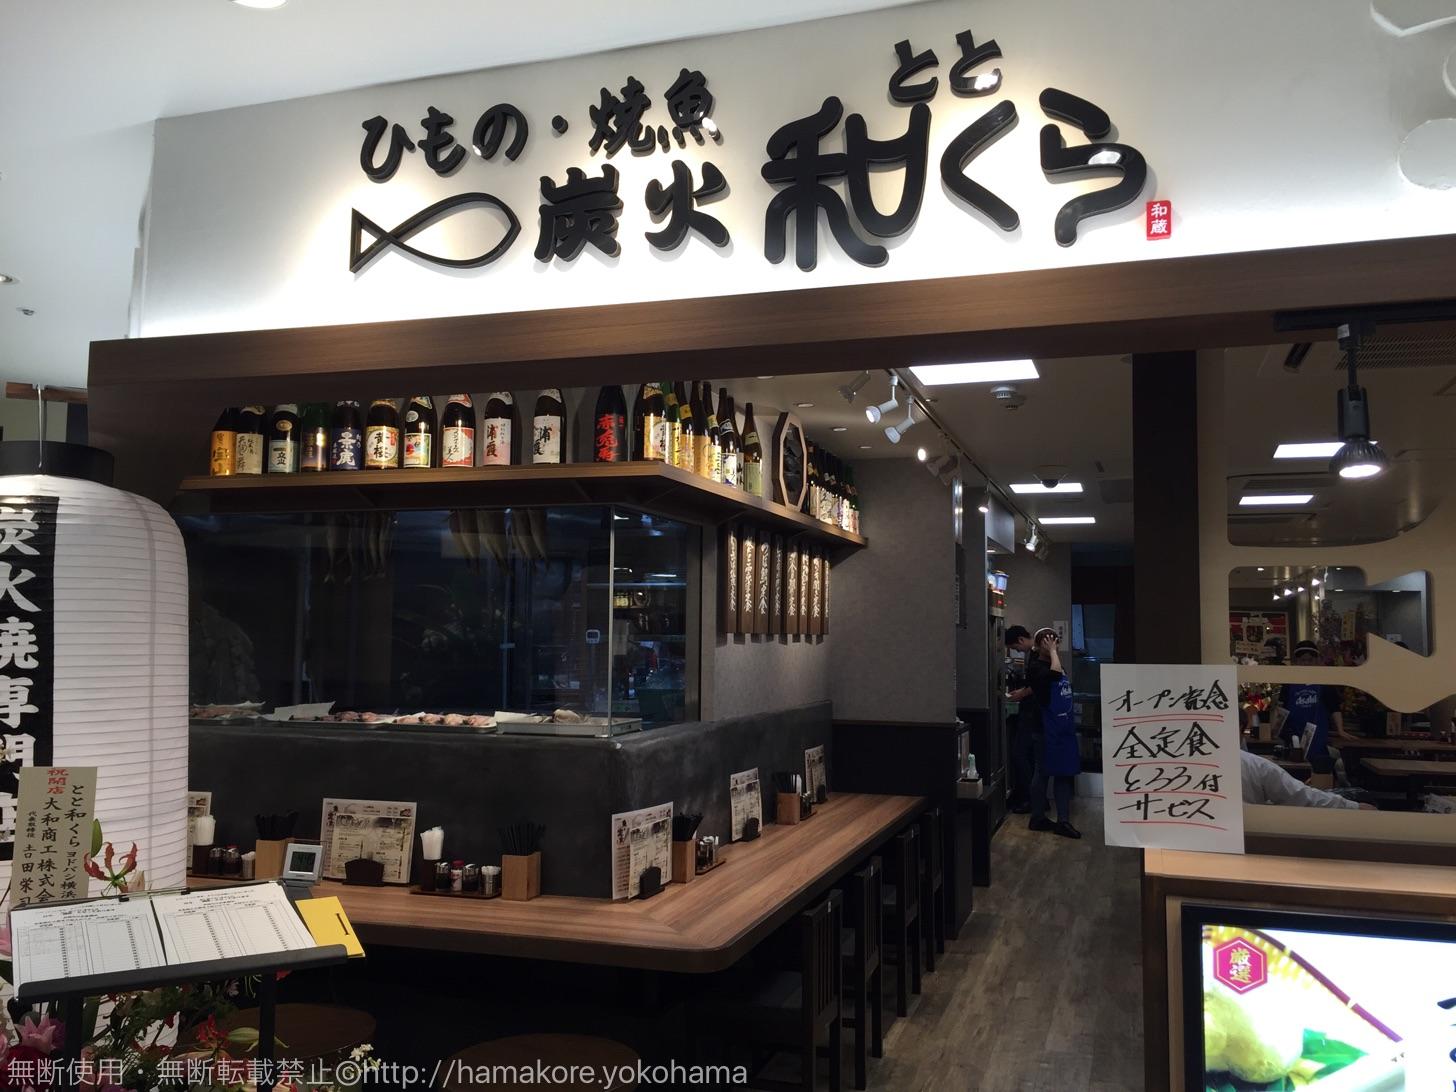 ヨドバシ地下 レストラン街